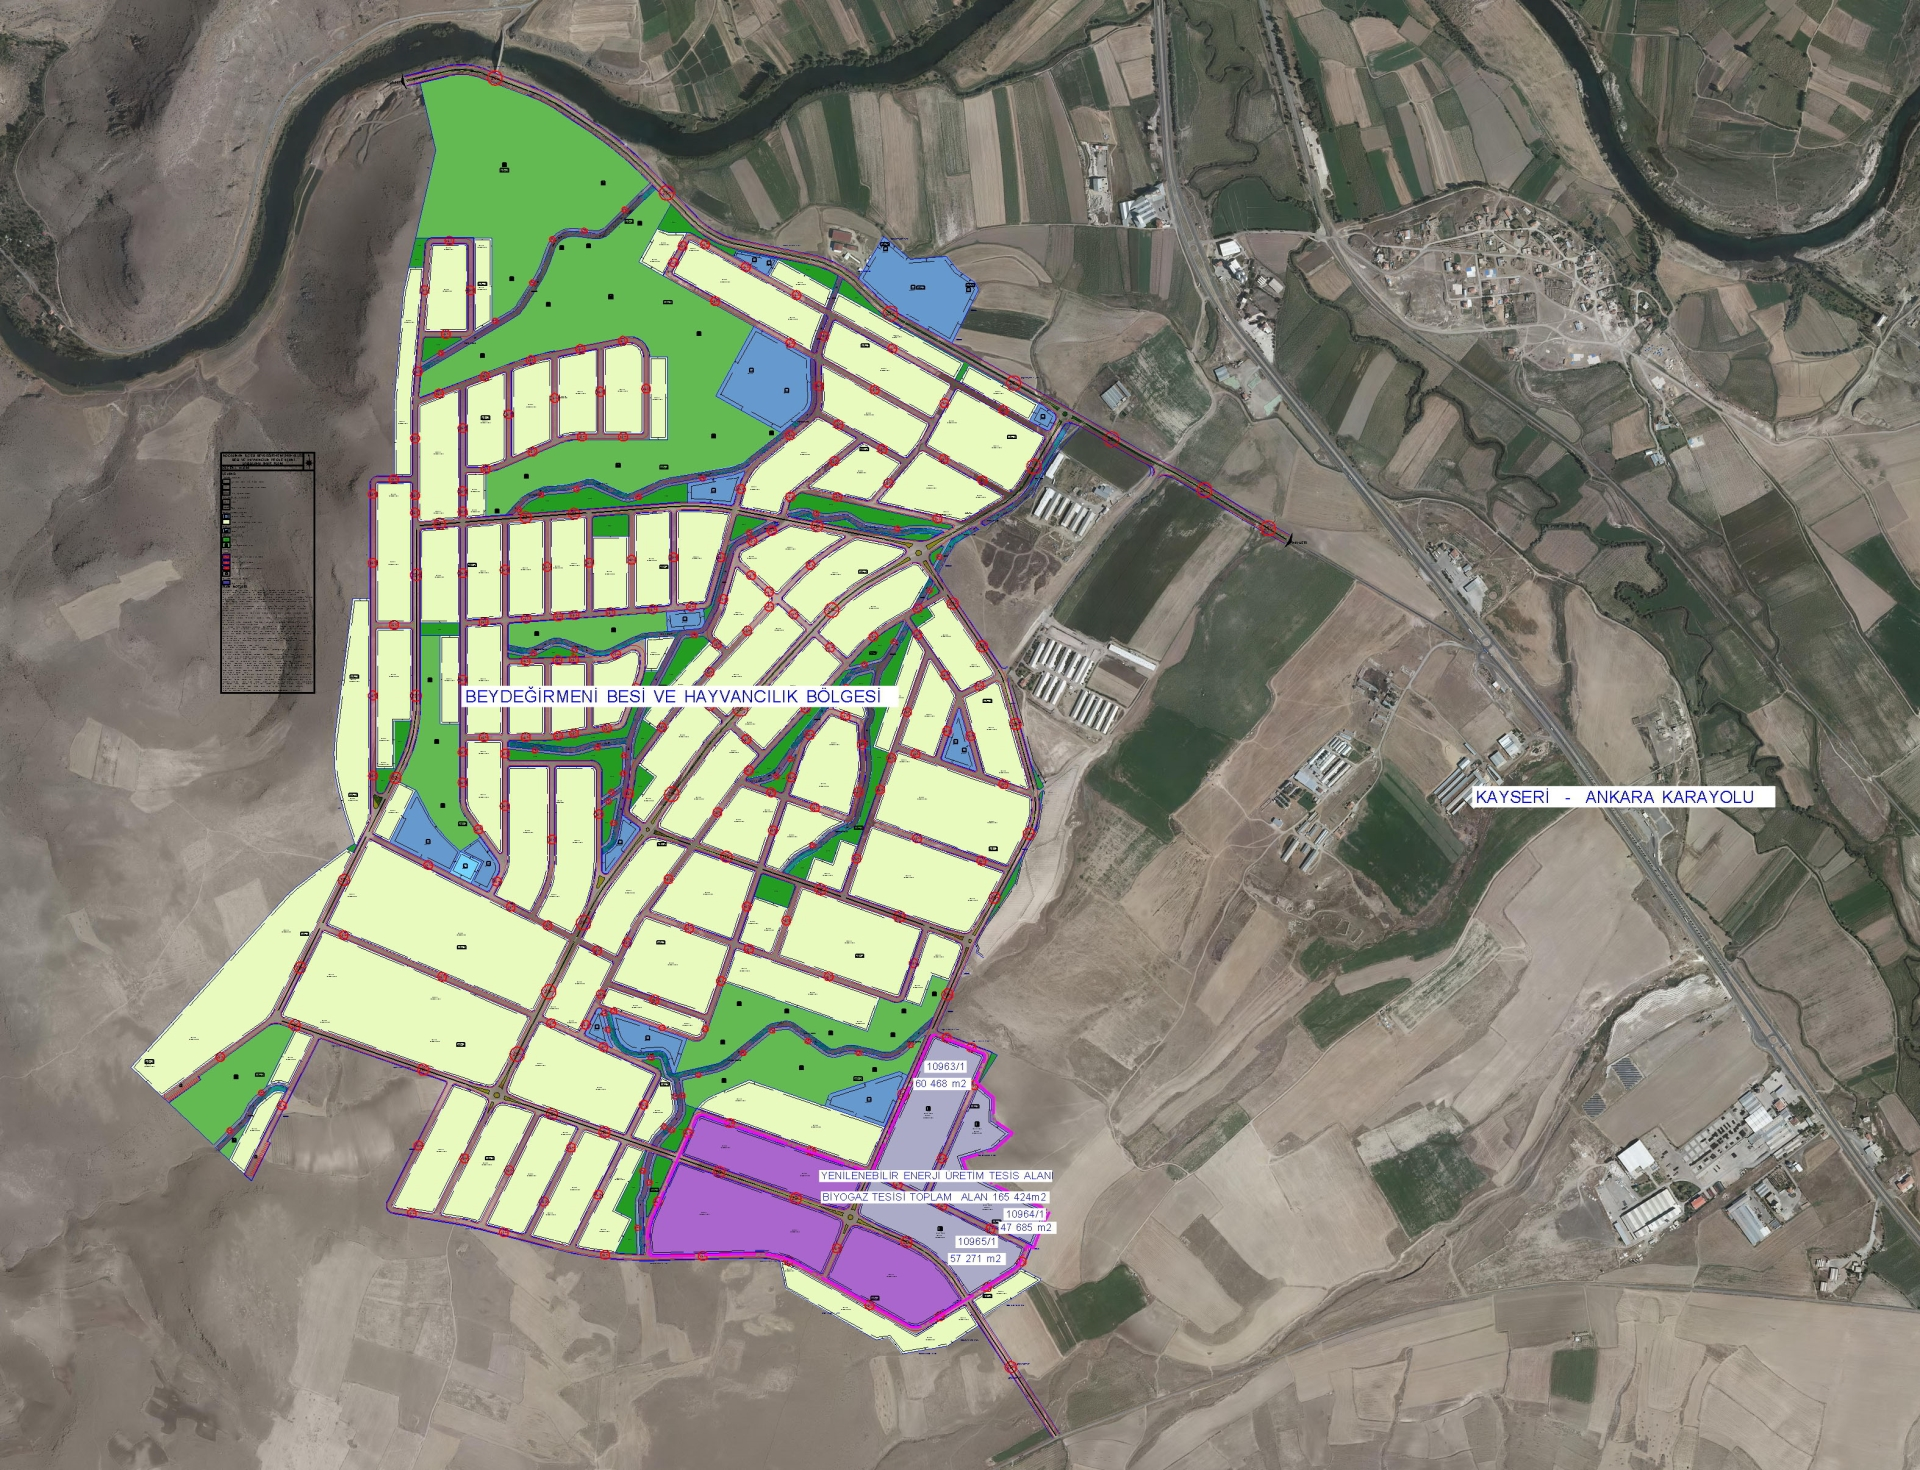 Kayseri'de Metan Gazı ile Elektrik Üretimi